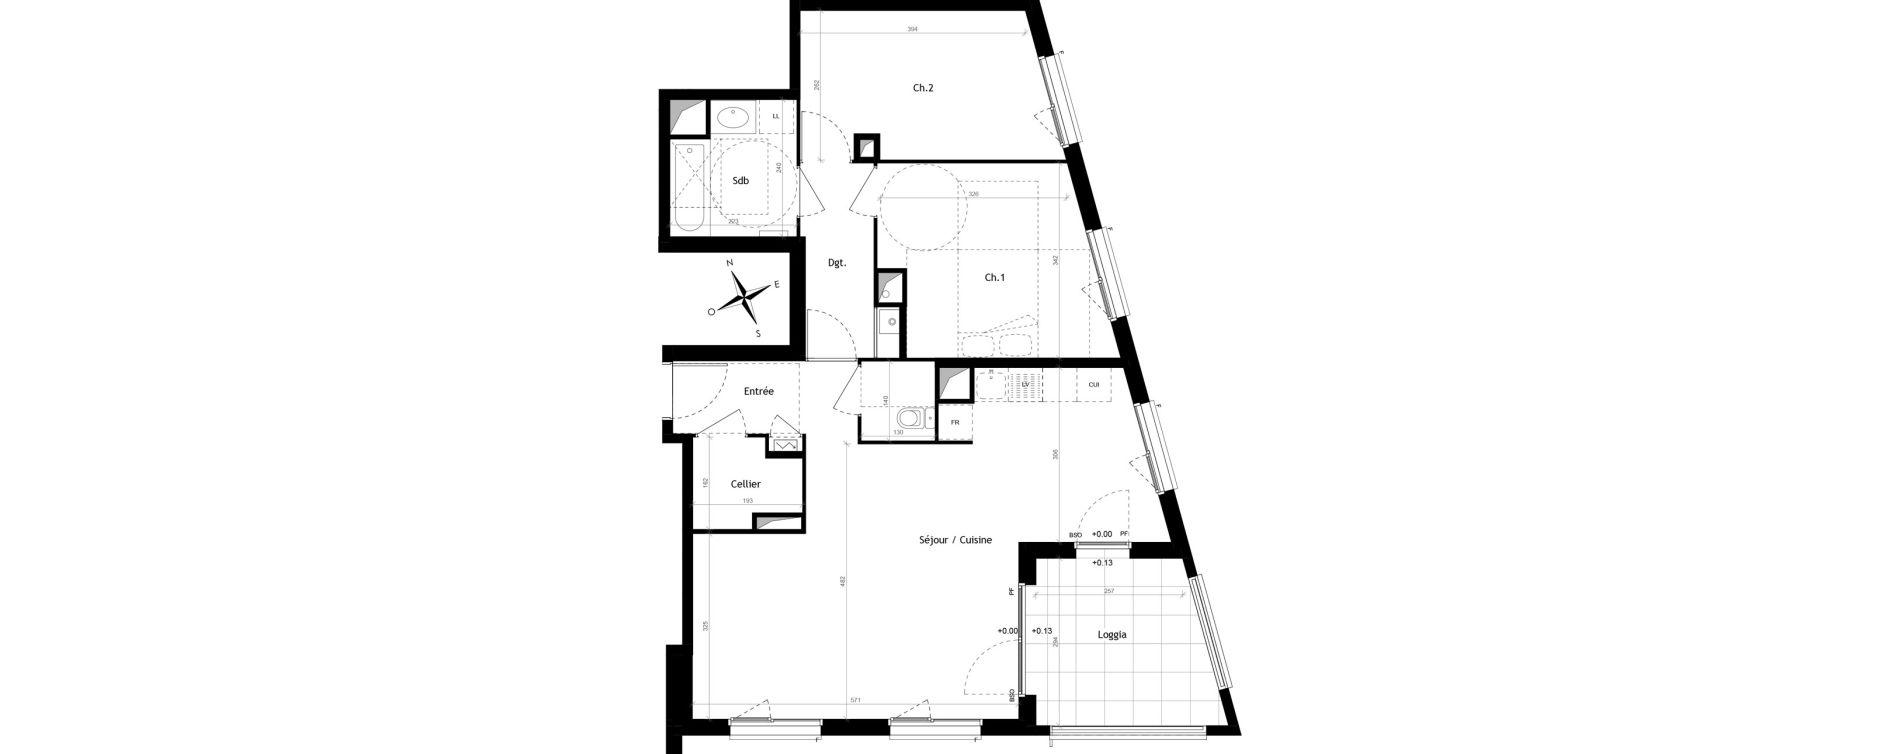 Appartement T4 de 74,05 m2 à Lyon Vaise (9eme)